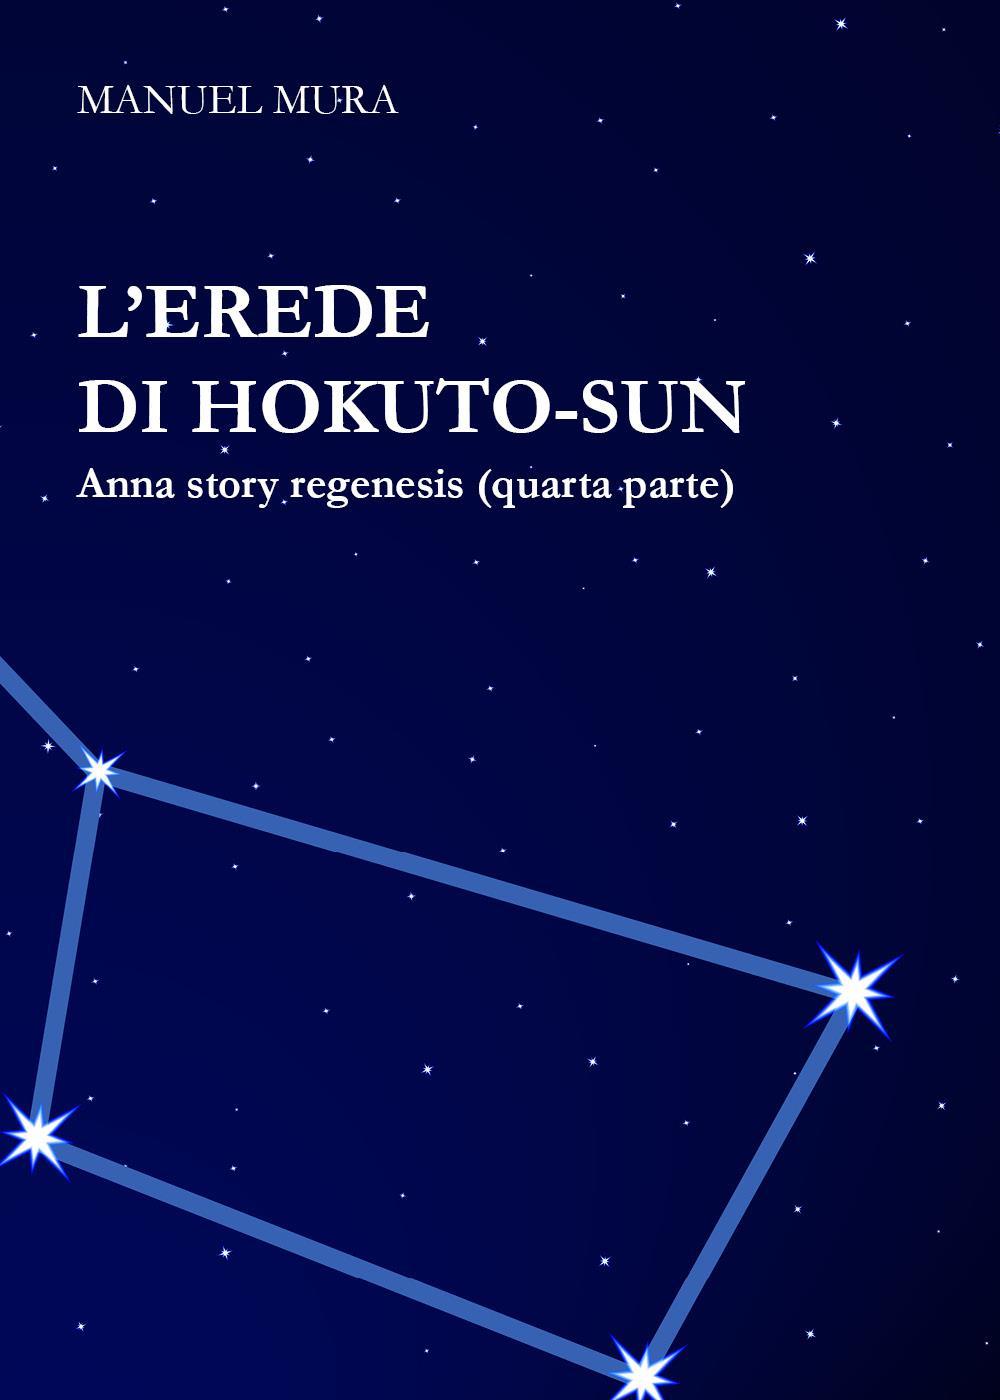 L'erede di Hokuto-Sun - Anna Story Regenesis quarta parte